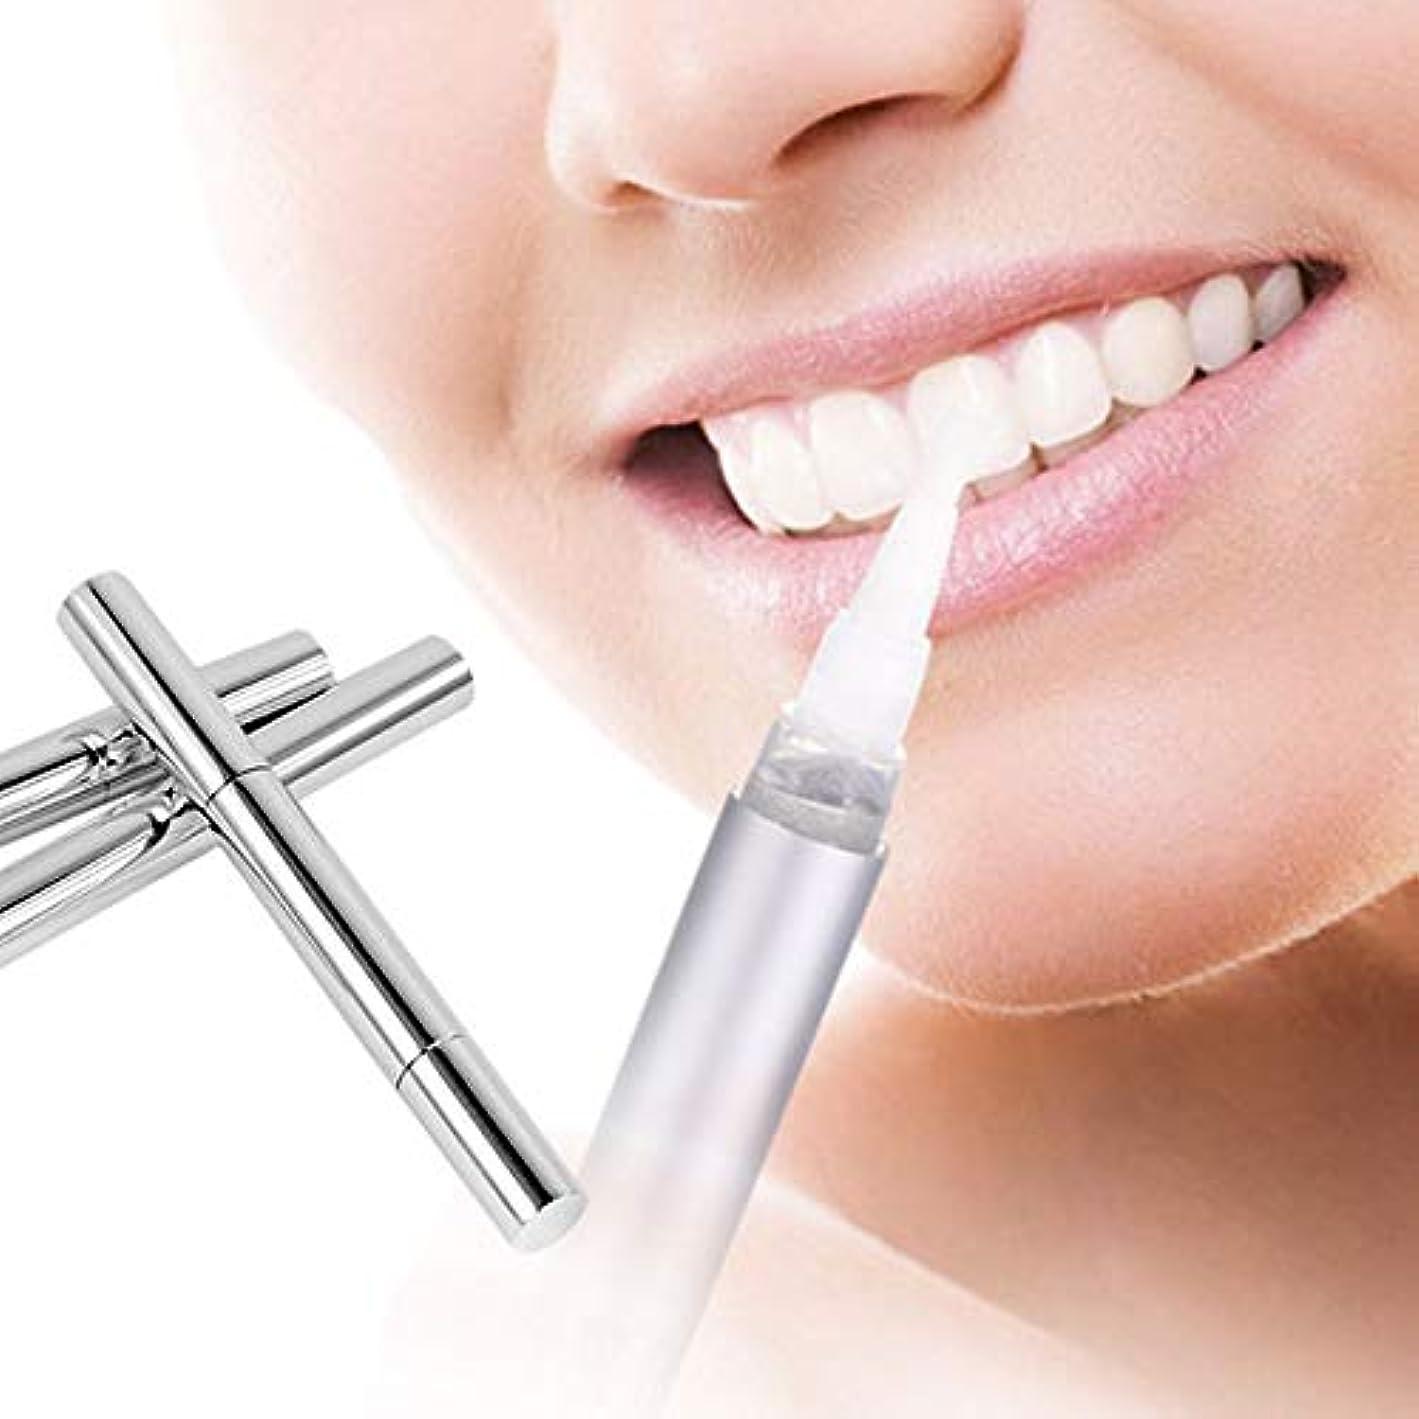 粗い急襲測定可能美白歯ゲル 歯 ホワイトニングペン 美白ゲルマウスウォッシュ ステイン消し携帯便利 口腔洗浄ツール 輝く笑顔 口臭防止 歯周病防止